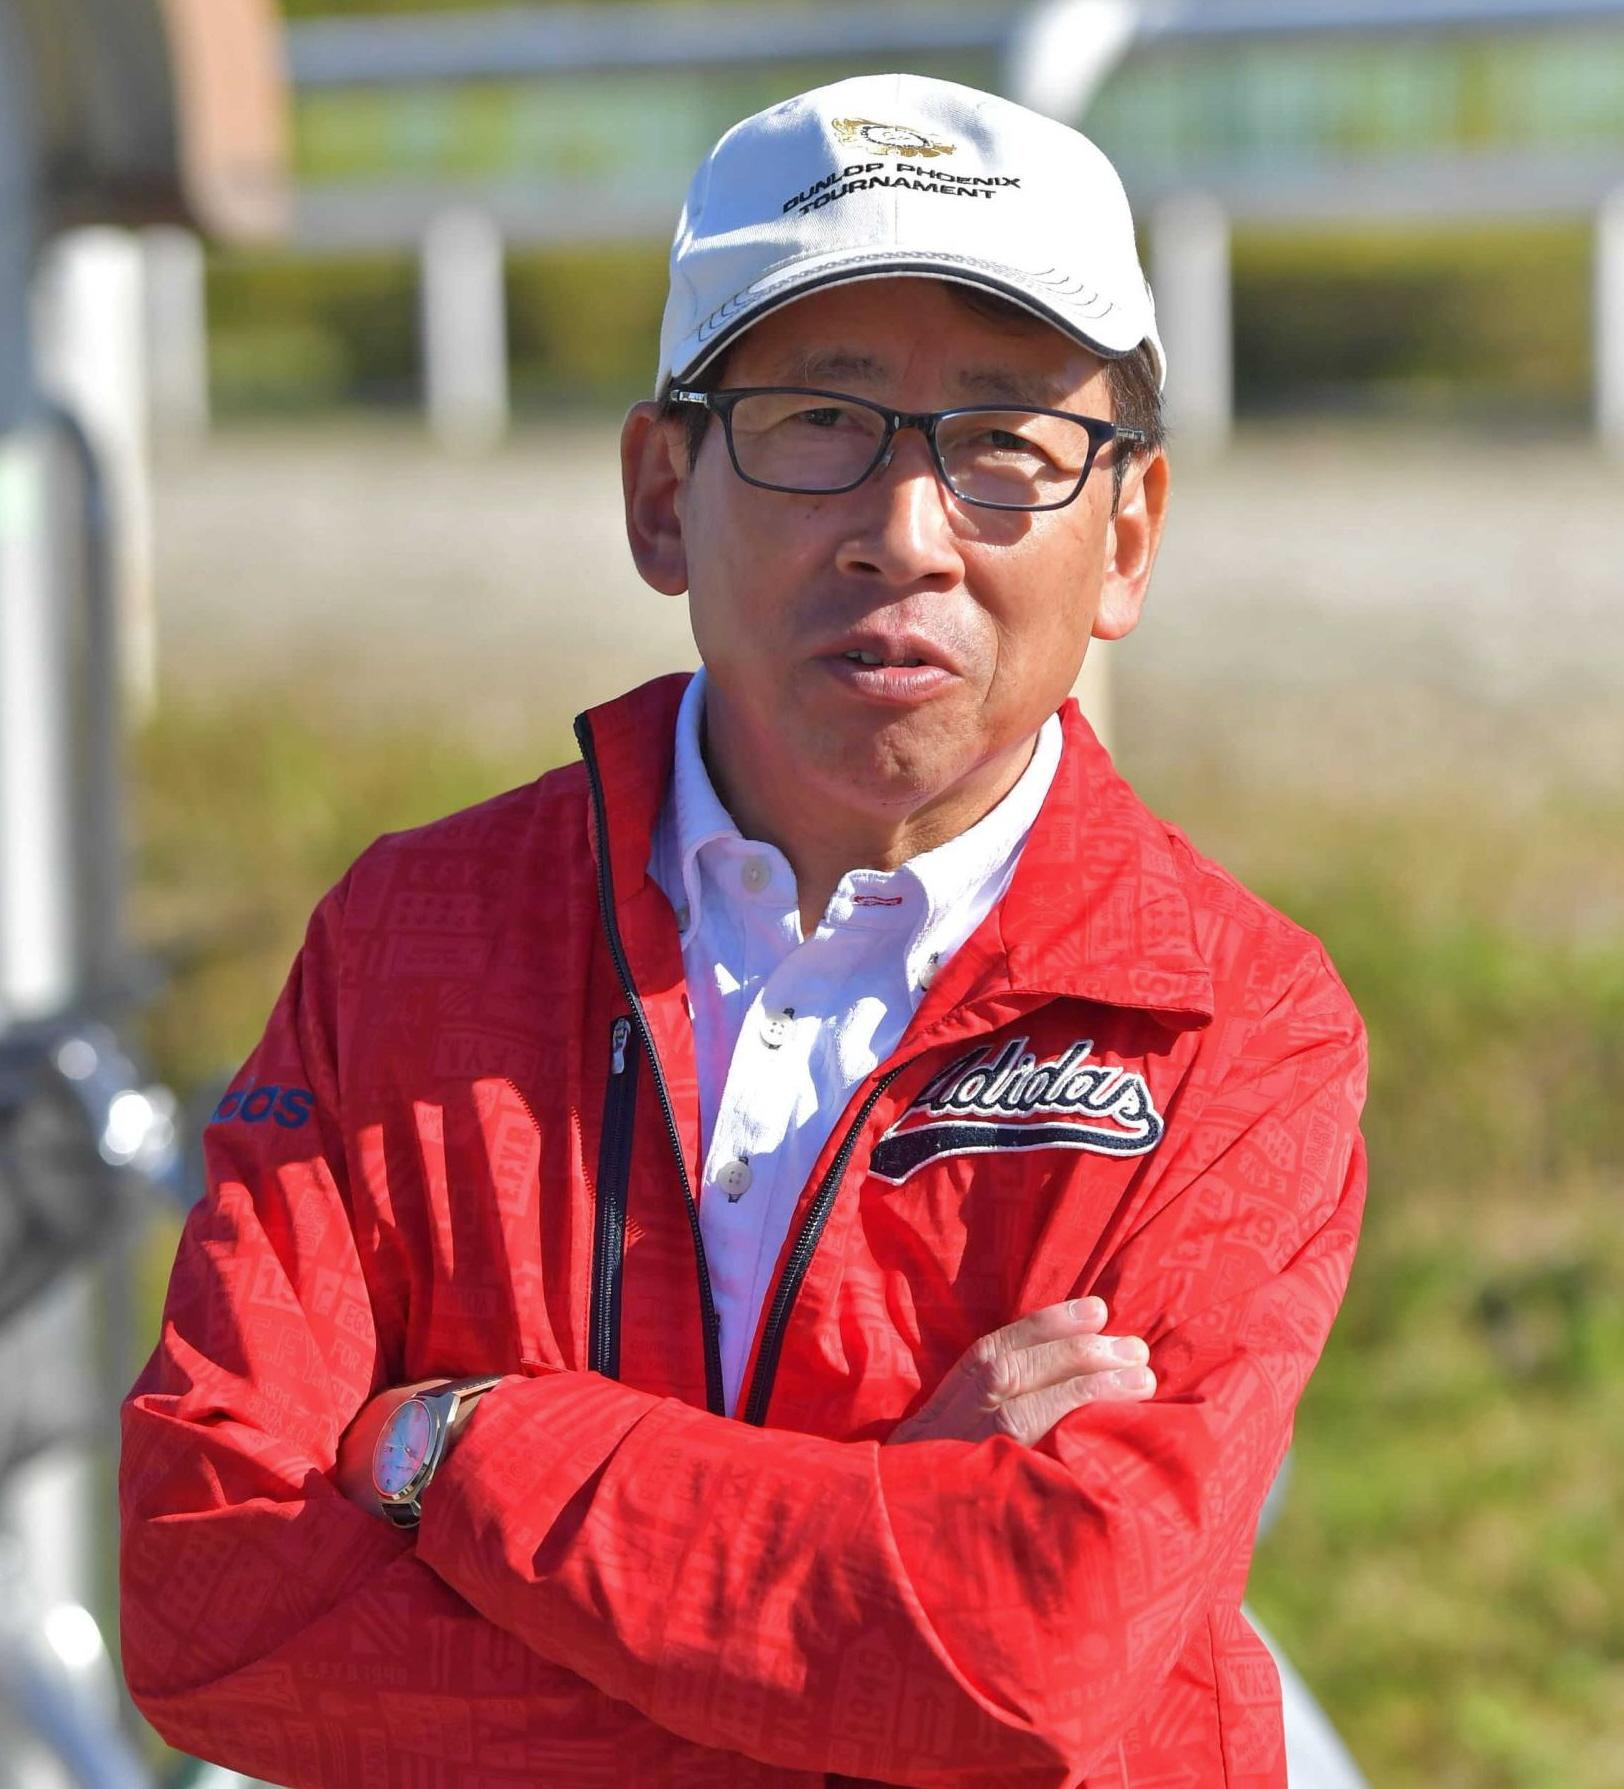 区切りの通算800勝到達を目前に見据える安田隆師